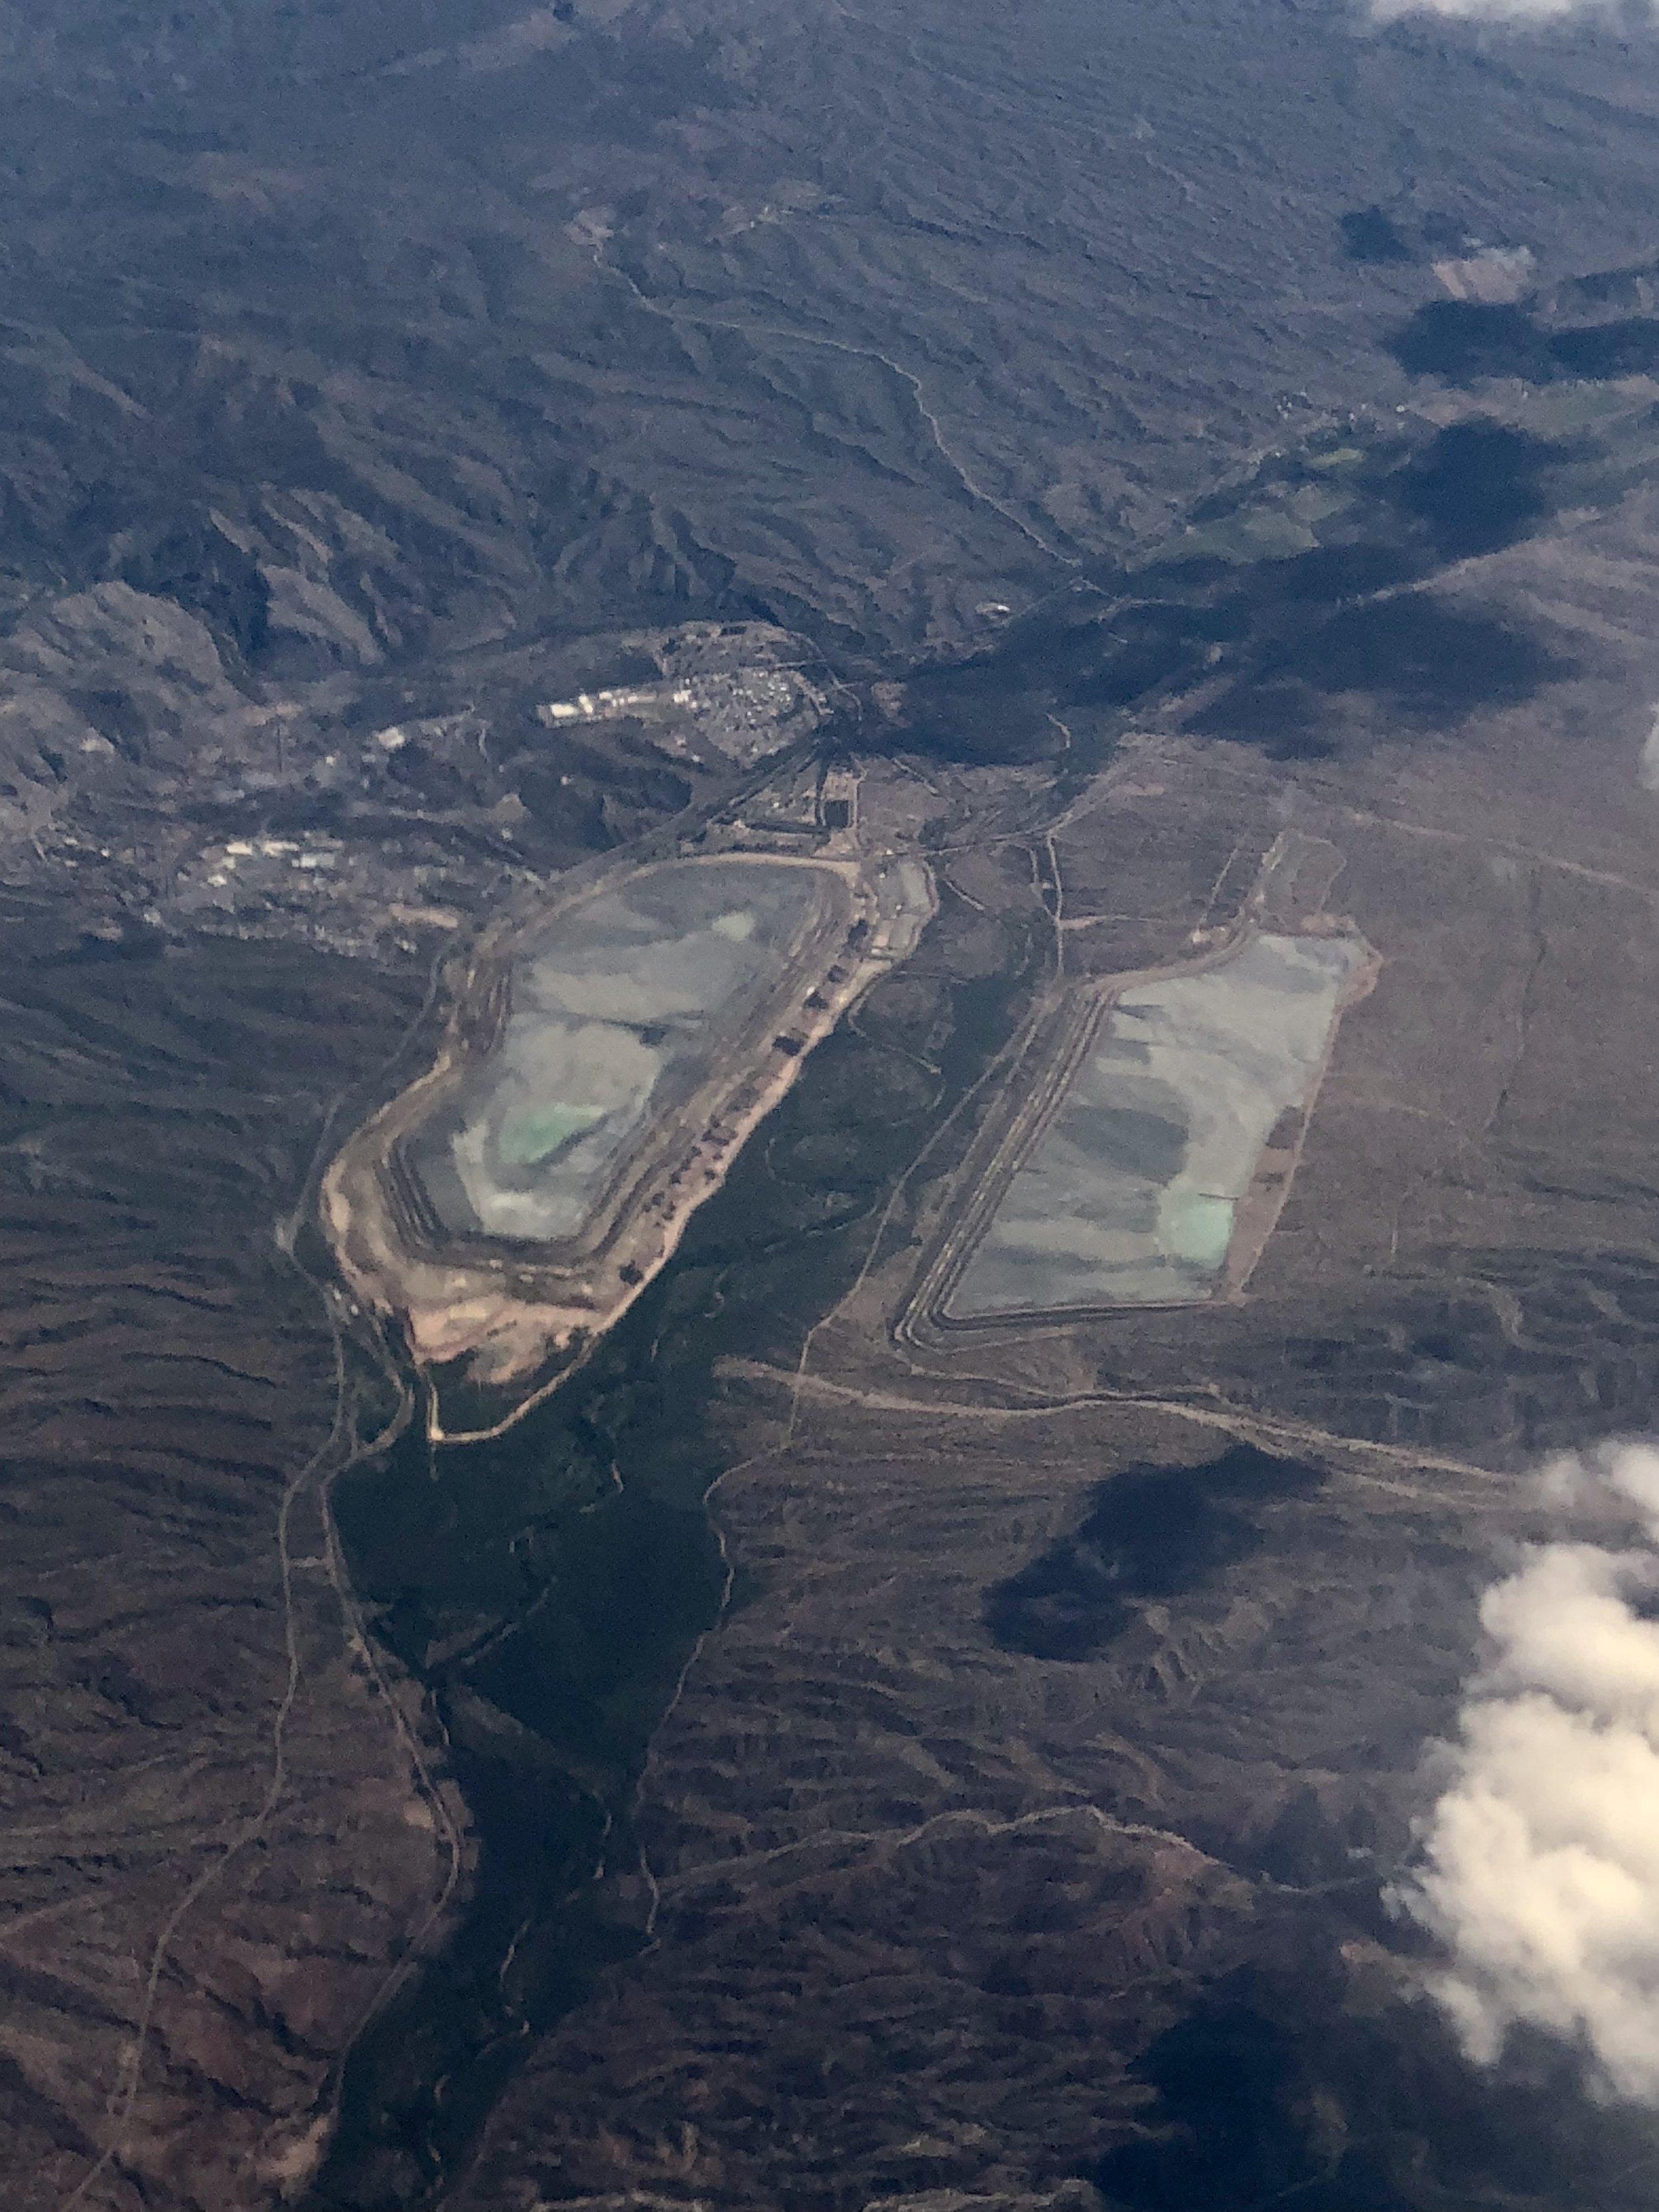 Hayden Smelter, Arizona